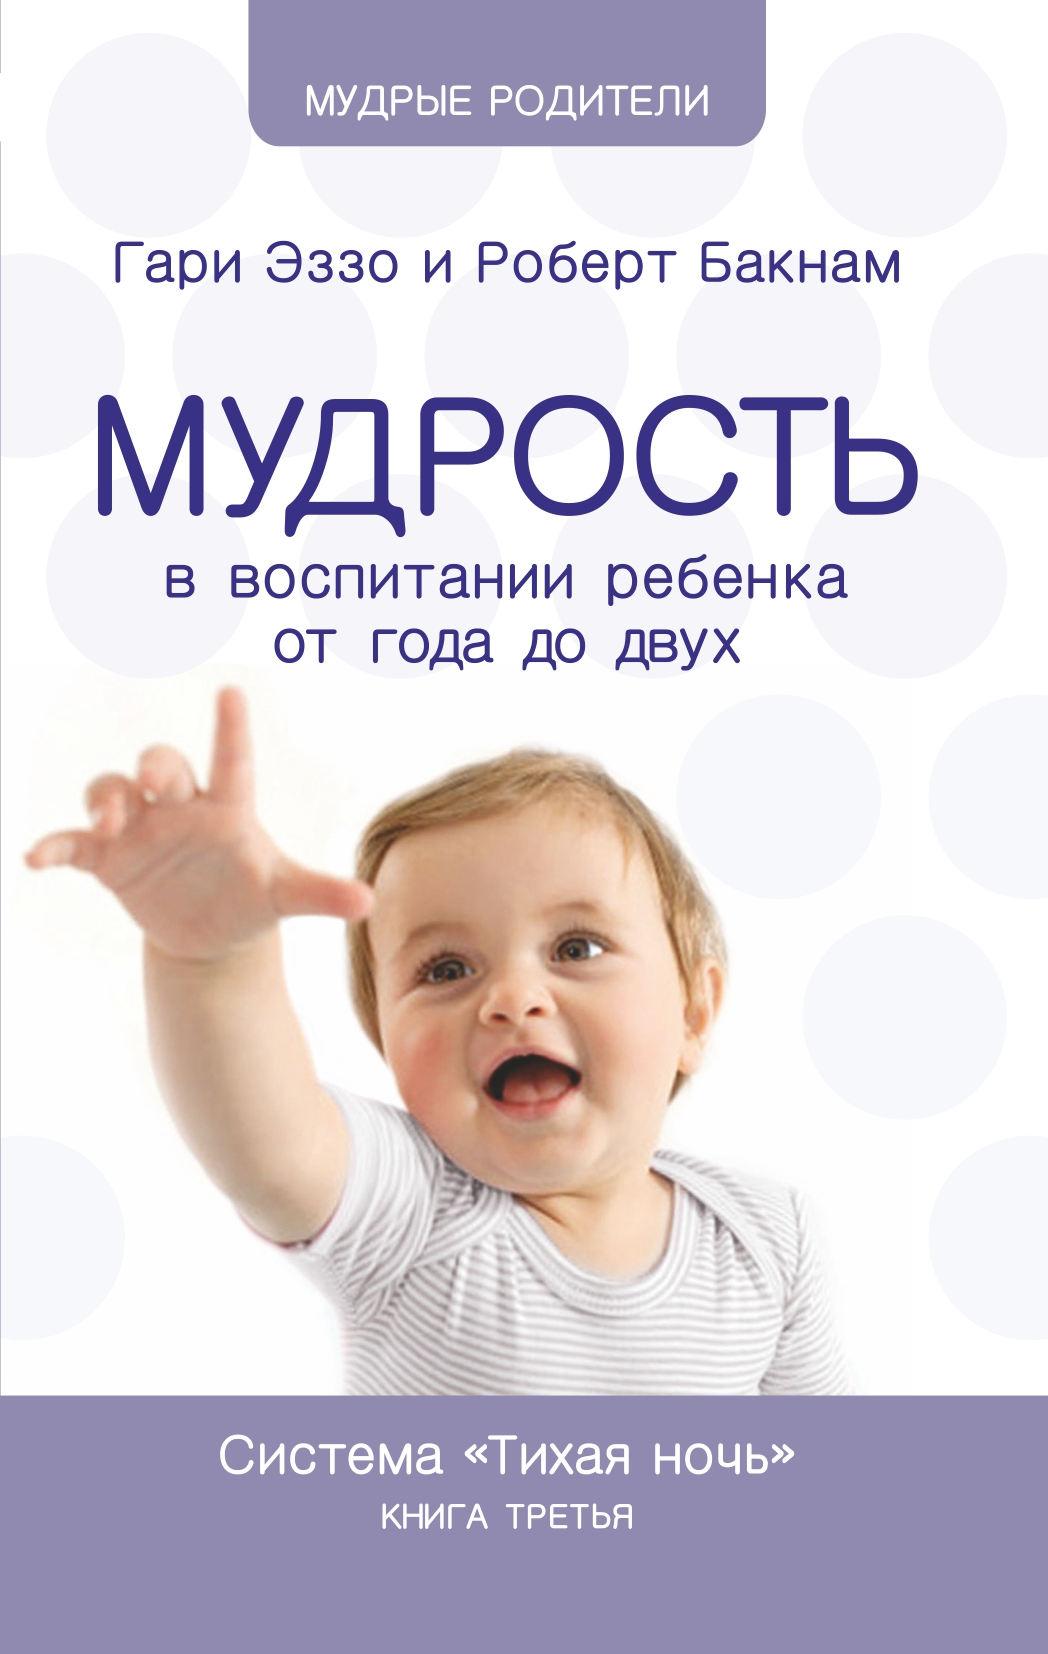 союз бланк издательство в новосибирске